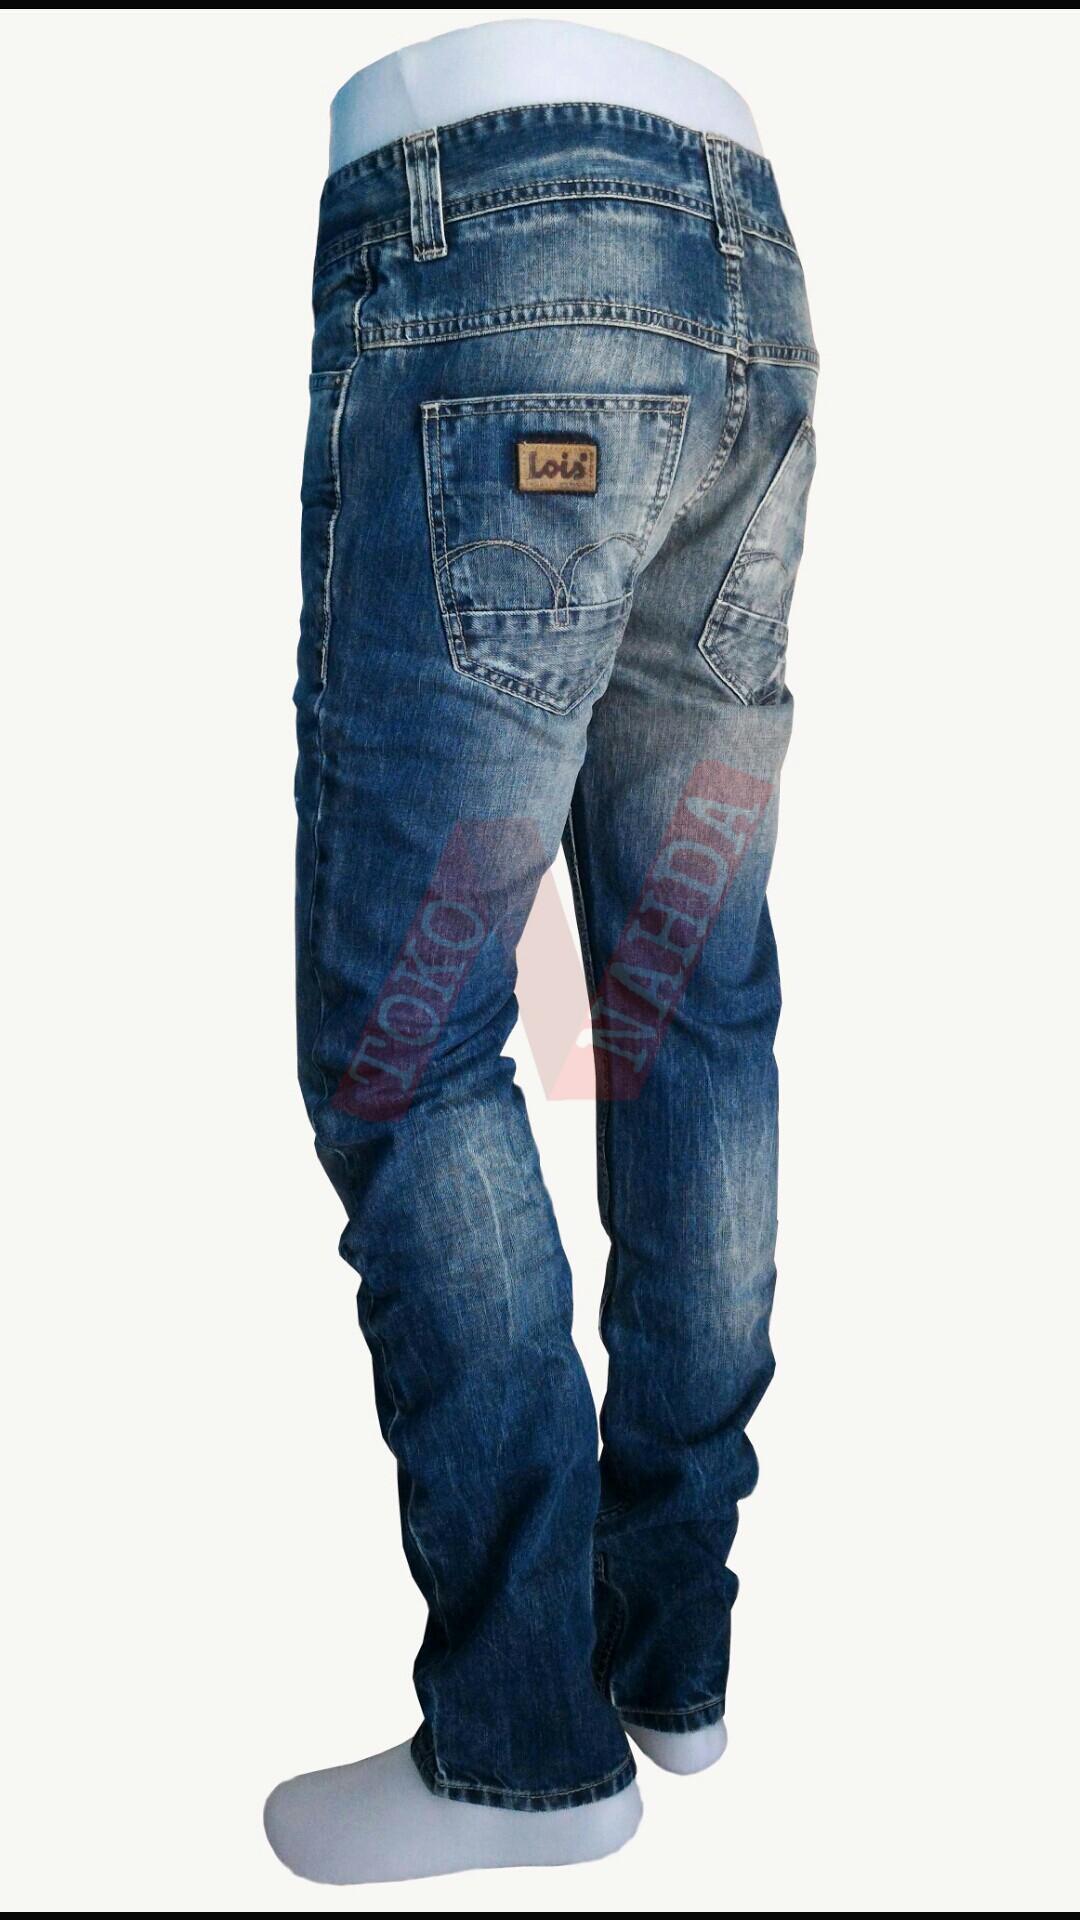 Celana Jeans Lois Regullar Fitt Biru Daftar Harga Terbaru Edwin Edw 2211 560 Regular Fit Pria Panjang 36 Detail Gambar Original Slim Cfl351f Ripped